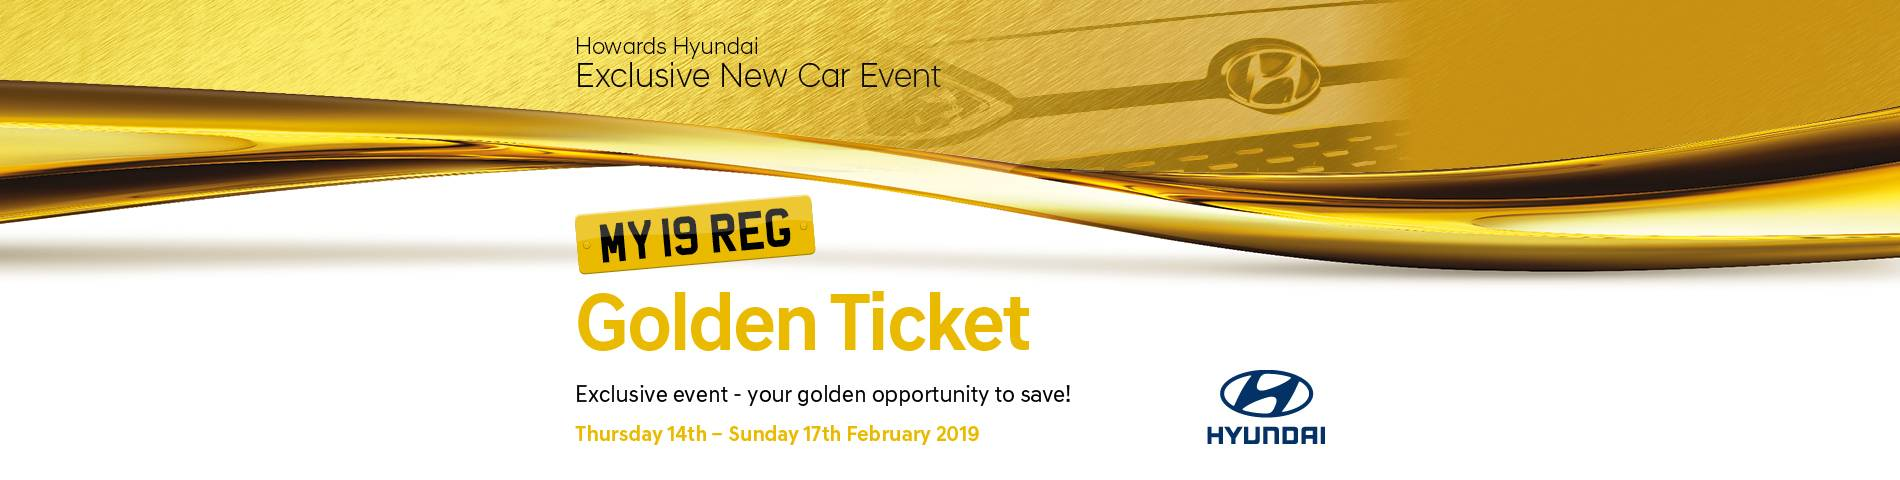 Hyundai Golden Ticket